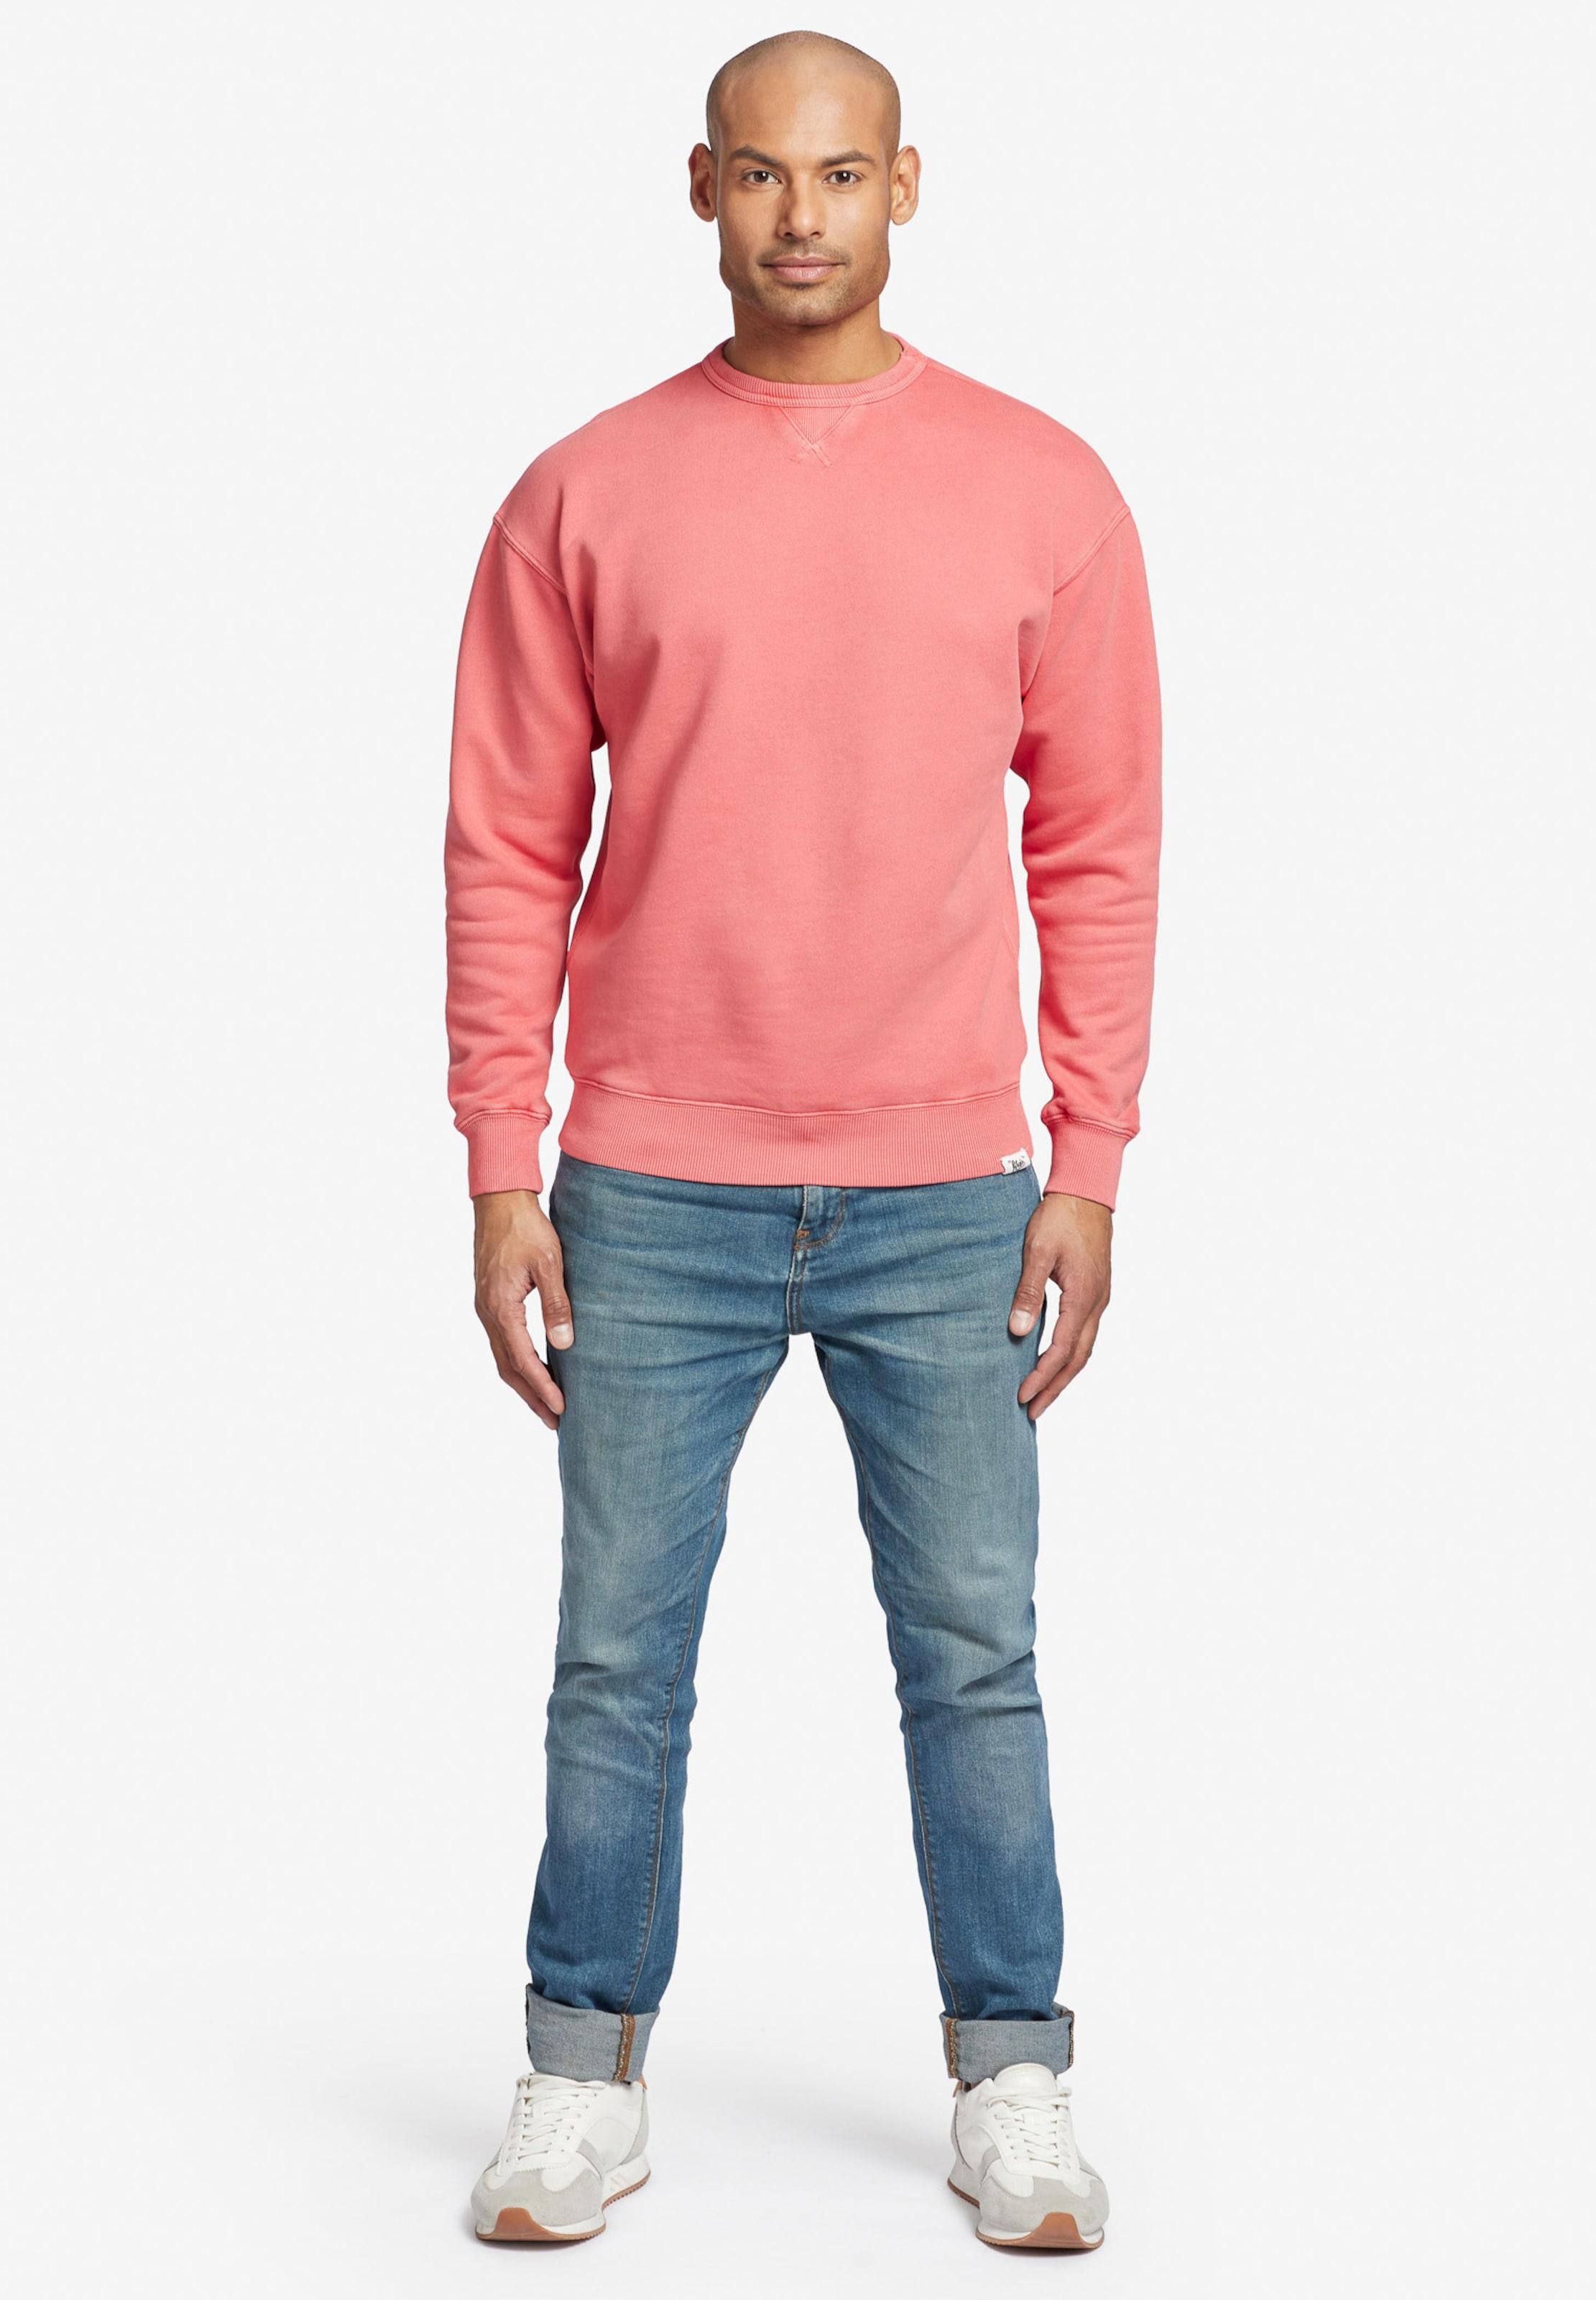 Sweat En Koralle Khujo shirt 'nekfe' 54ARj3L